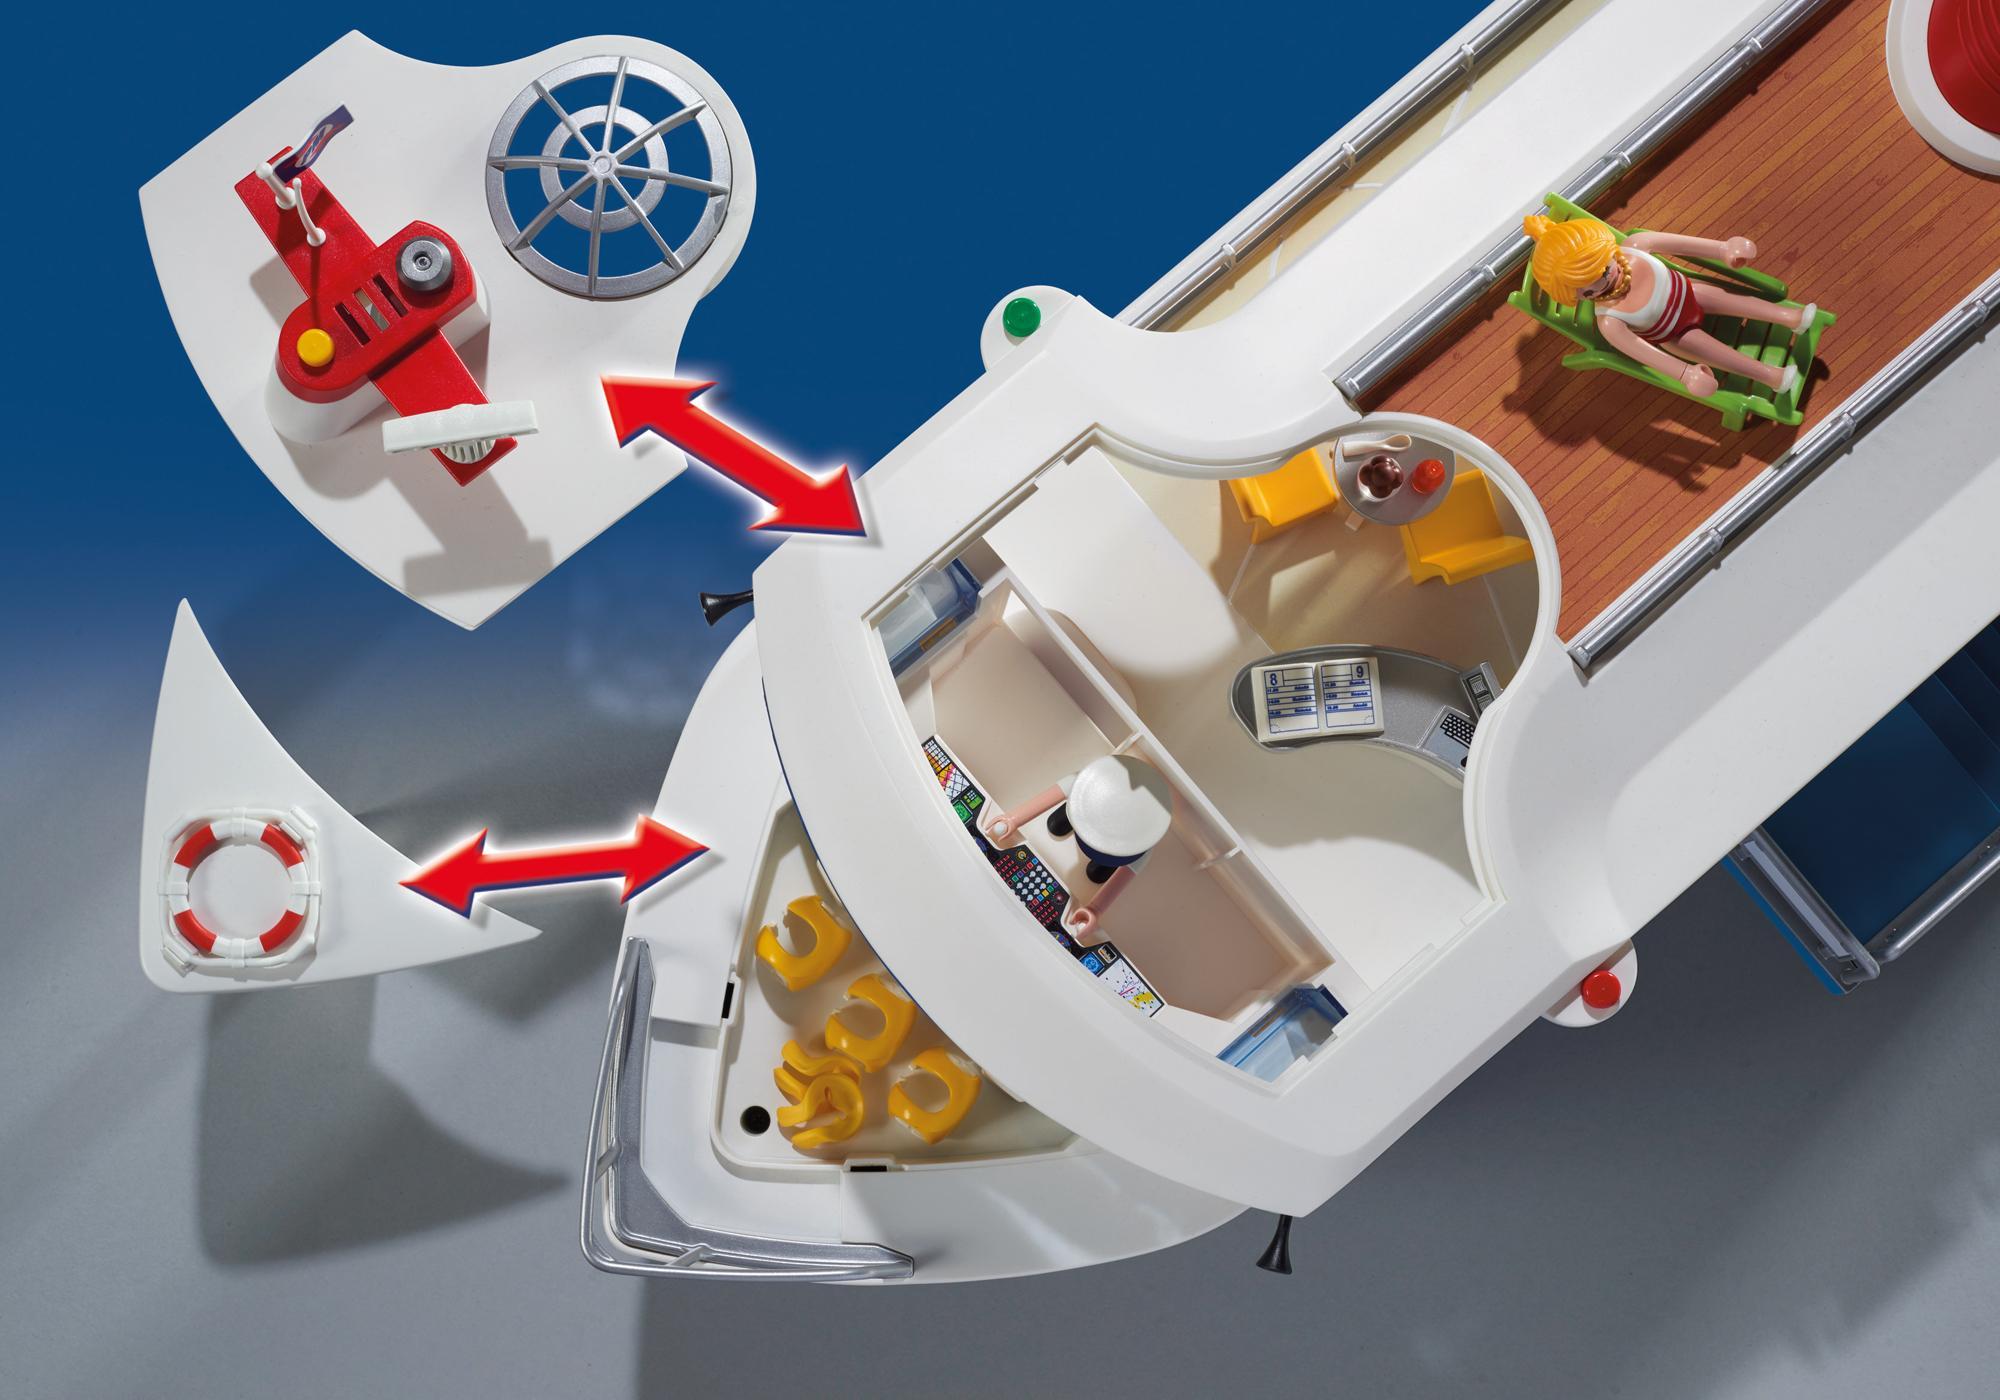 http://media.playmobil.com/i/playmobil/6978_product_extra5/Bateau de croisière